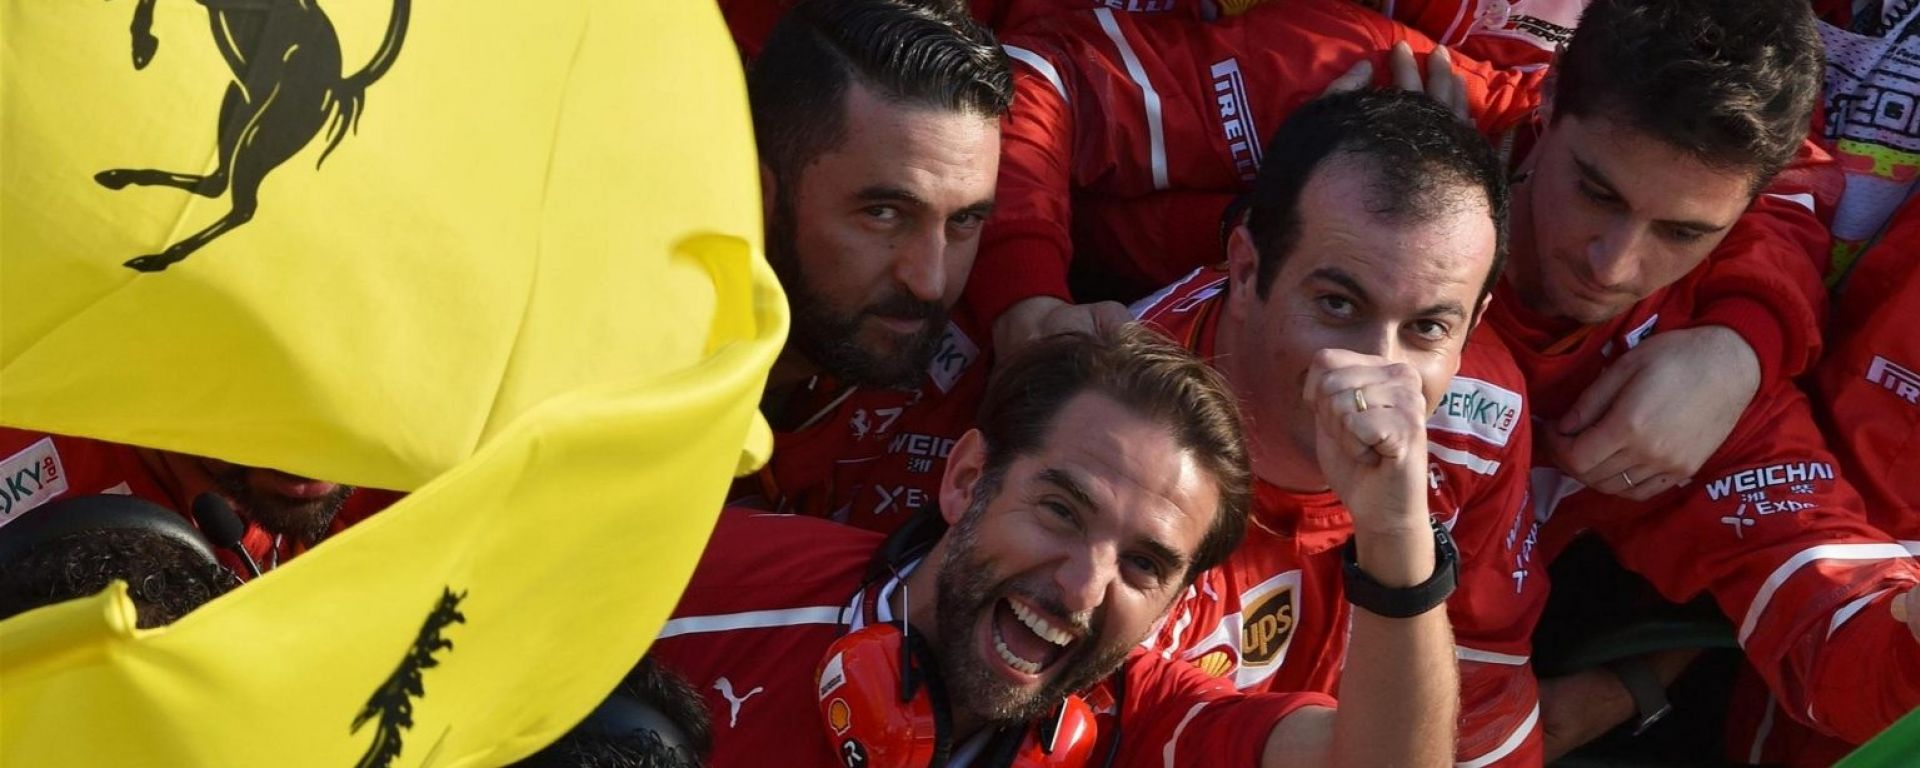 Gli uomini della Ferrari festeggiano sotto al podio di Melbourne - F1 GP Australia